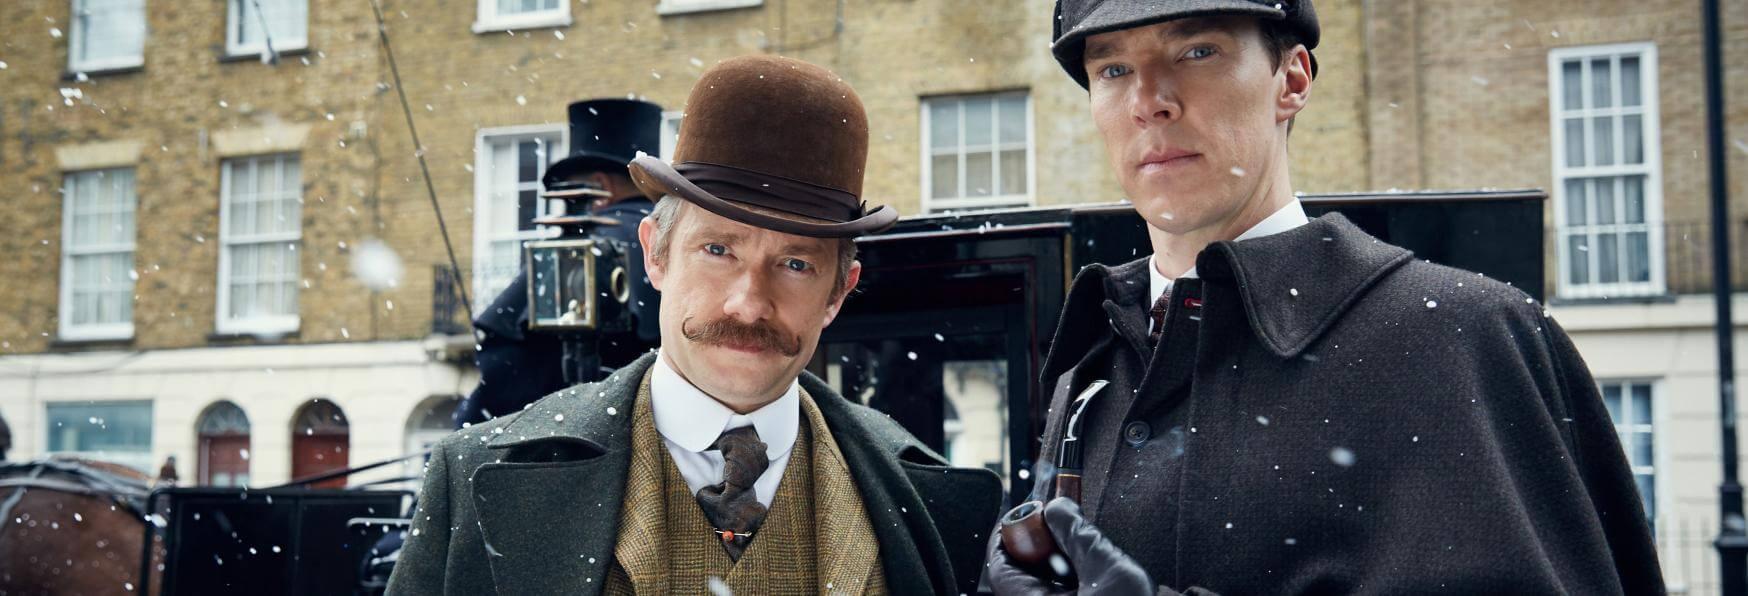 Sherlock: le Parole di Martin Freeman (Watson) sulla Quinta Stagione della Serie